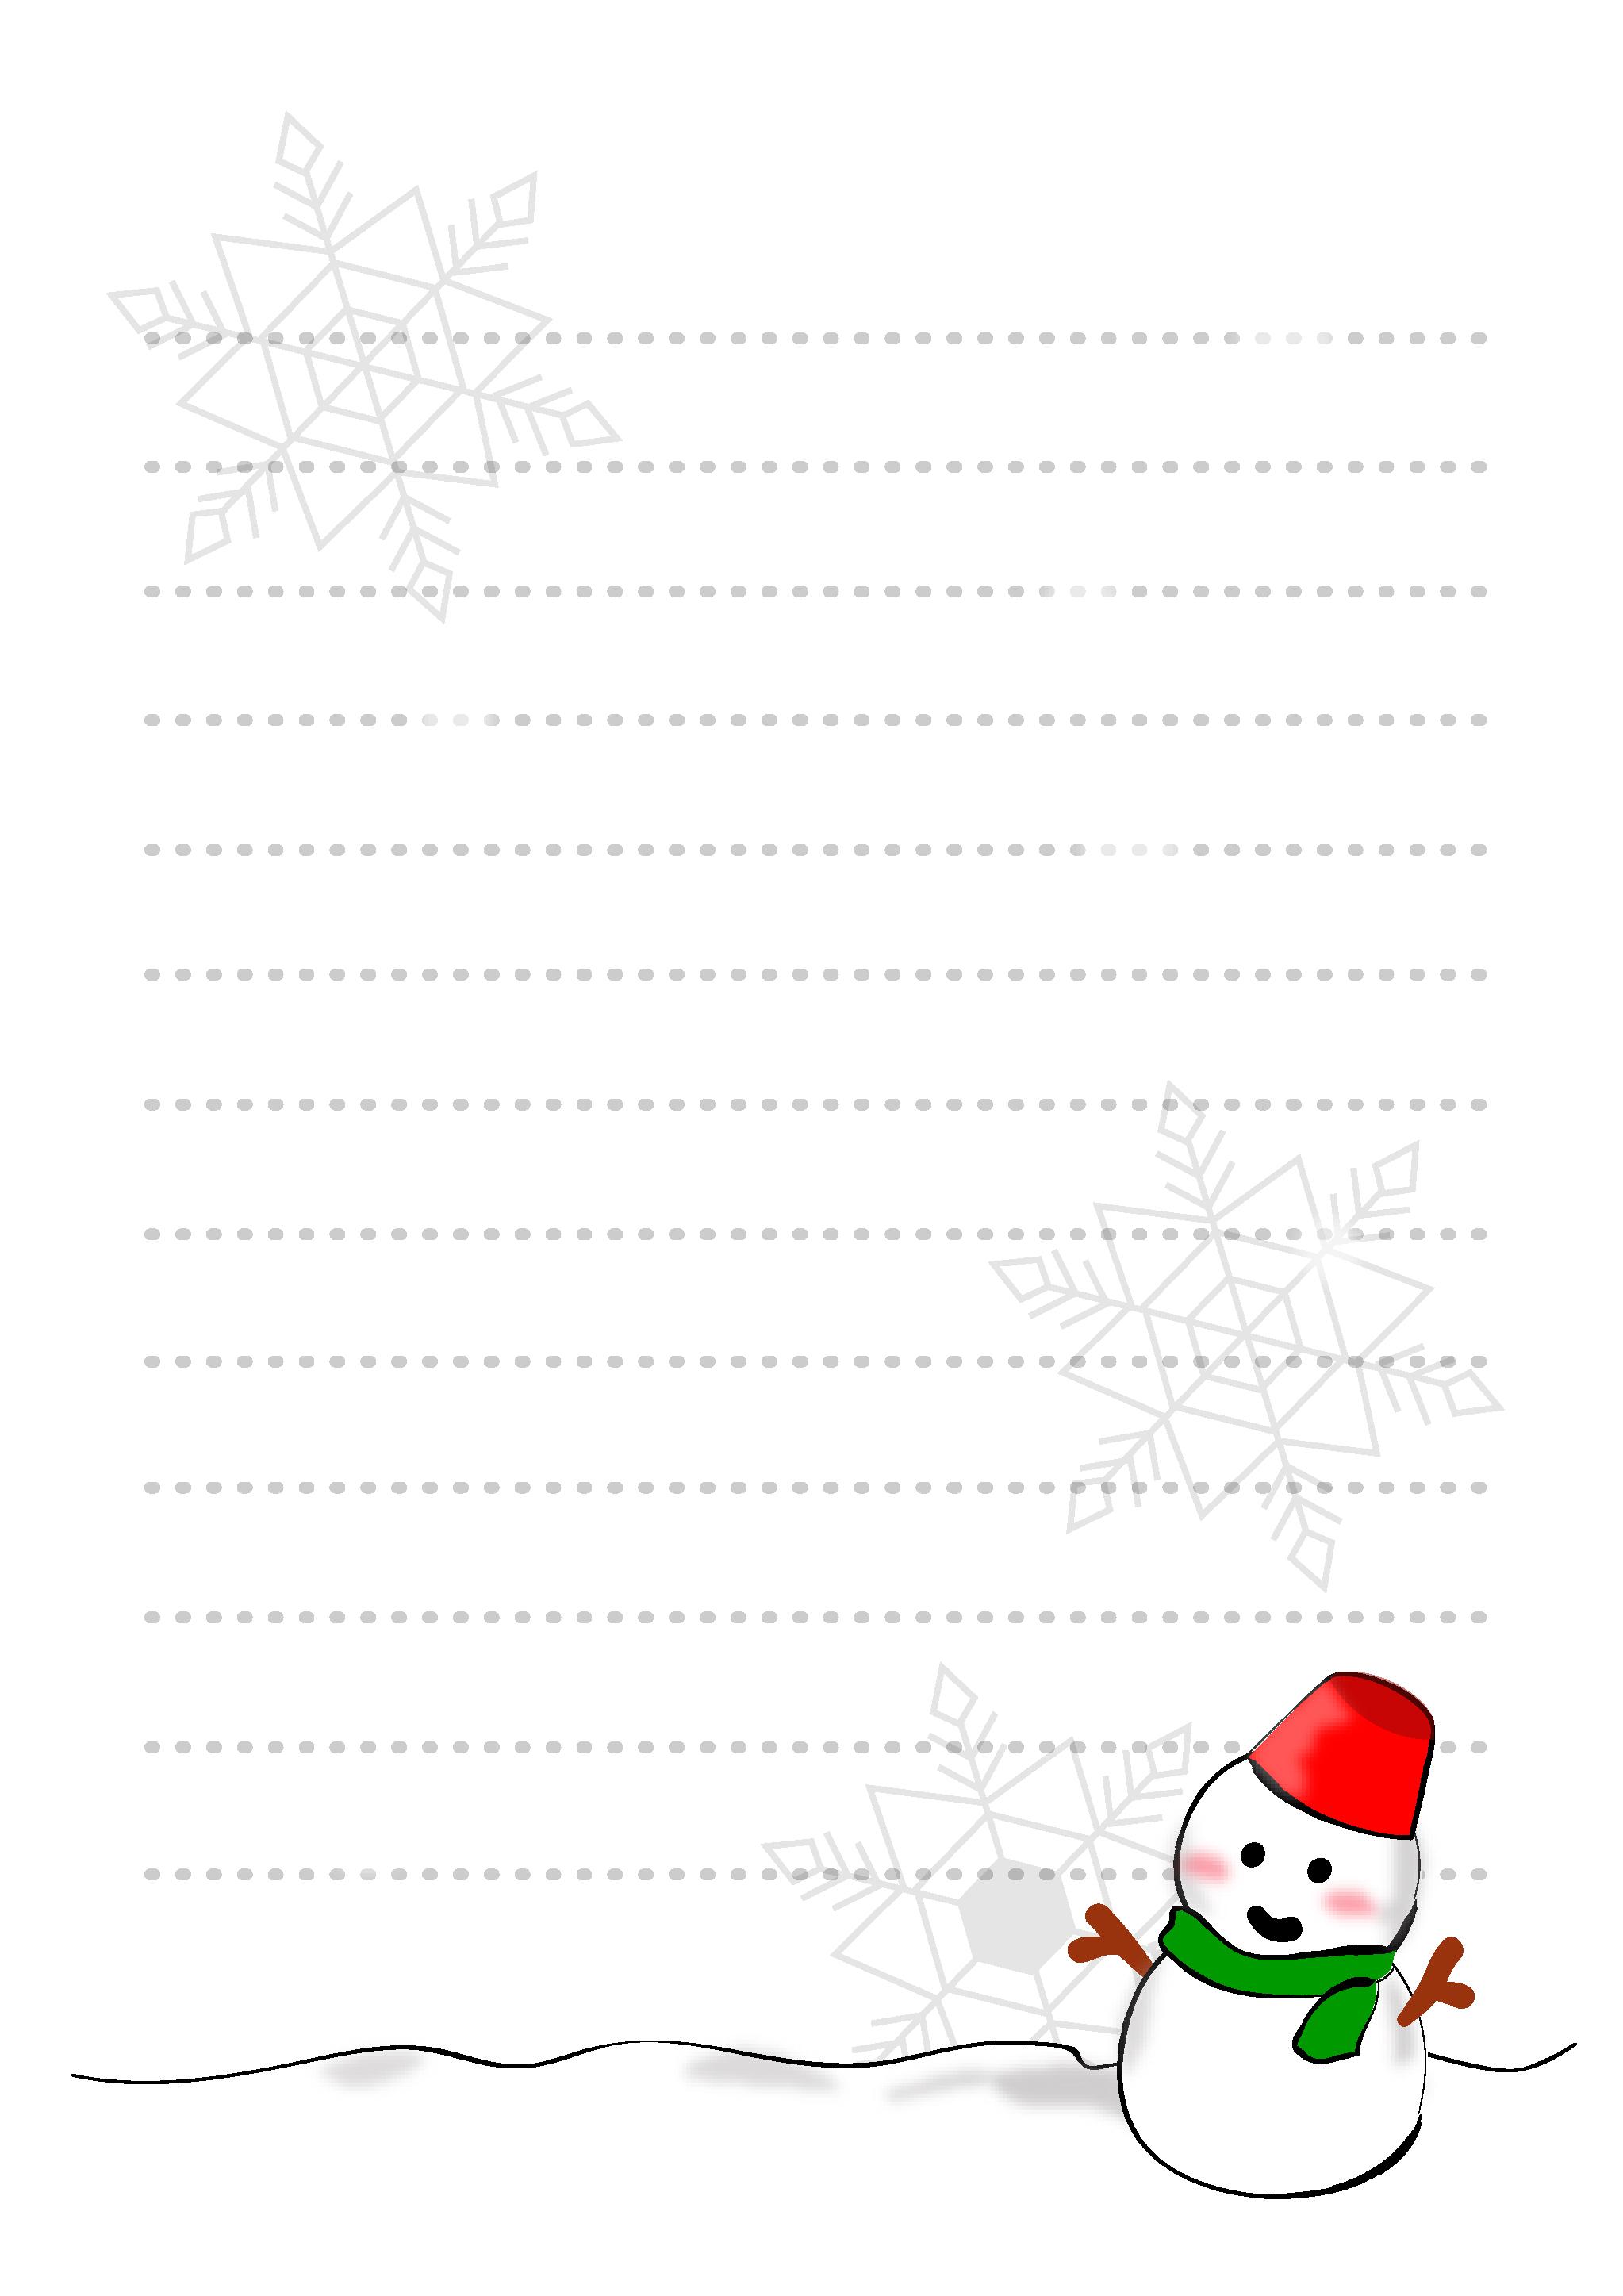 便箋テンプレート「雪だるま」ダウンロード|かわいい無料イラスト 印刷